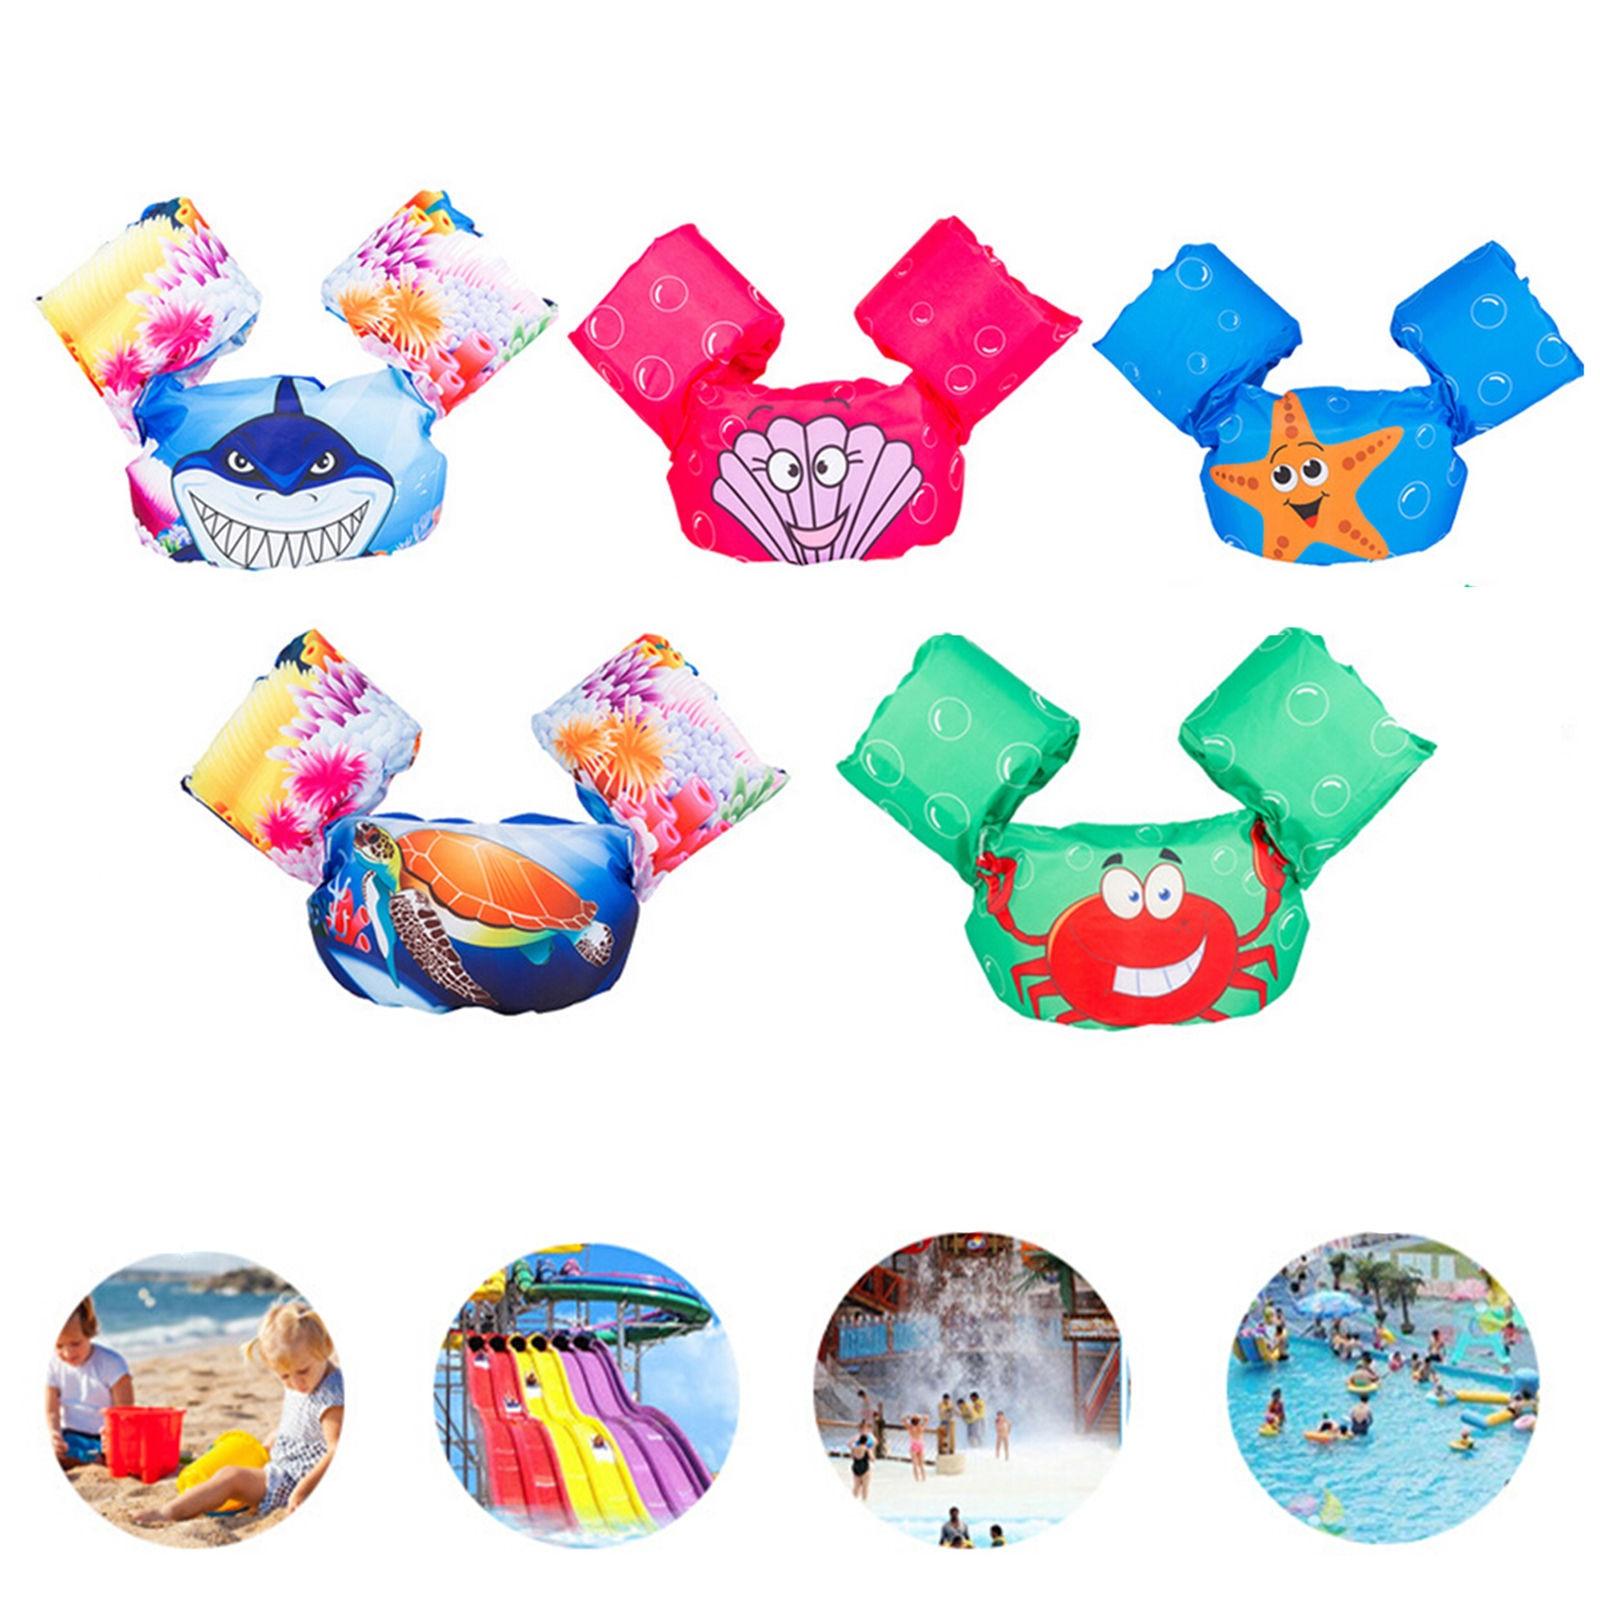 Spielzeug Sport Puddle Jumper Schwimmen Deluxe Schwimmweste Sicherheitsweste Für Kinder Baby